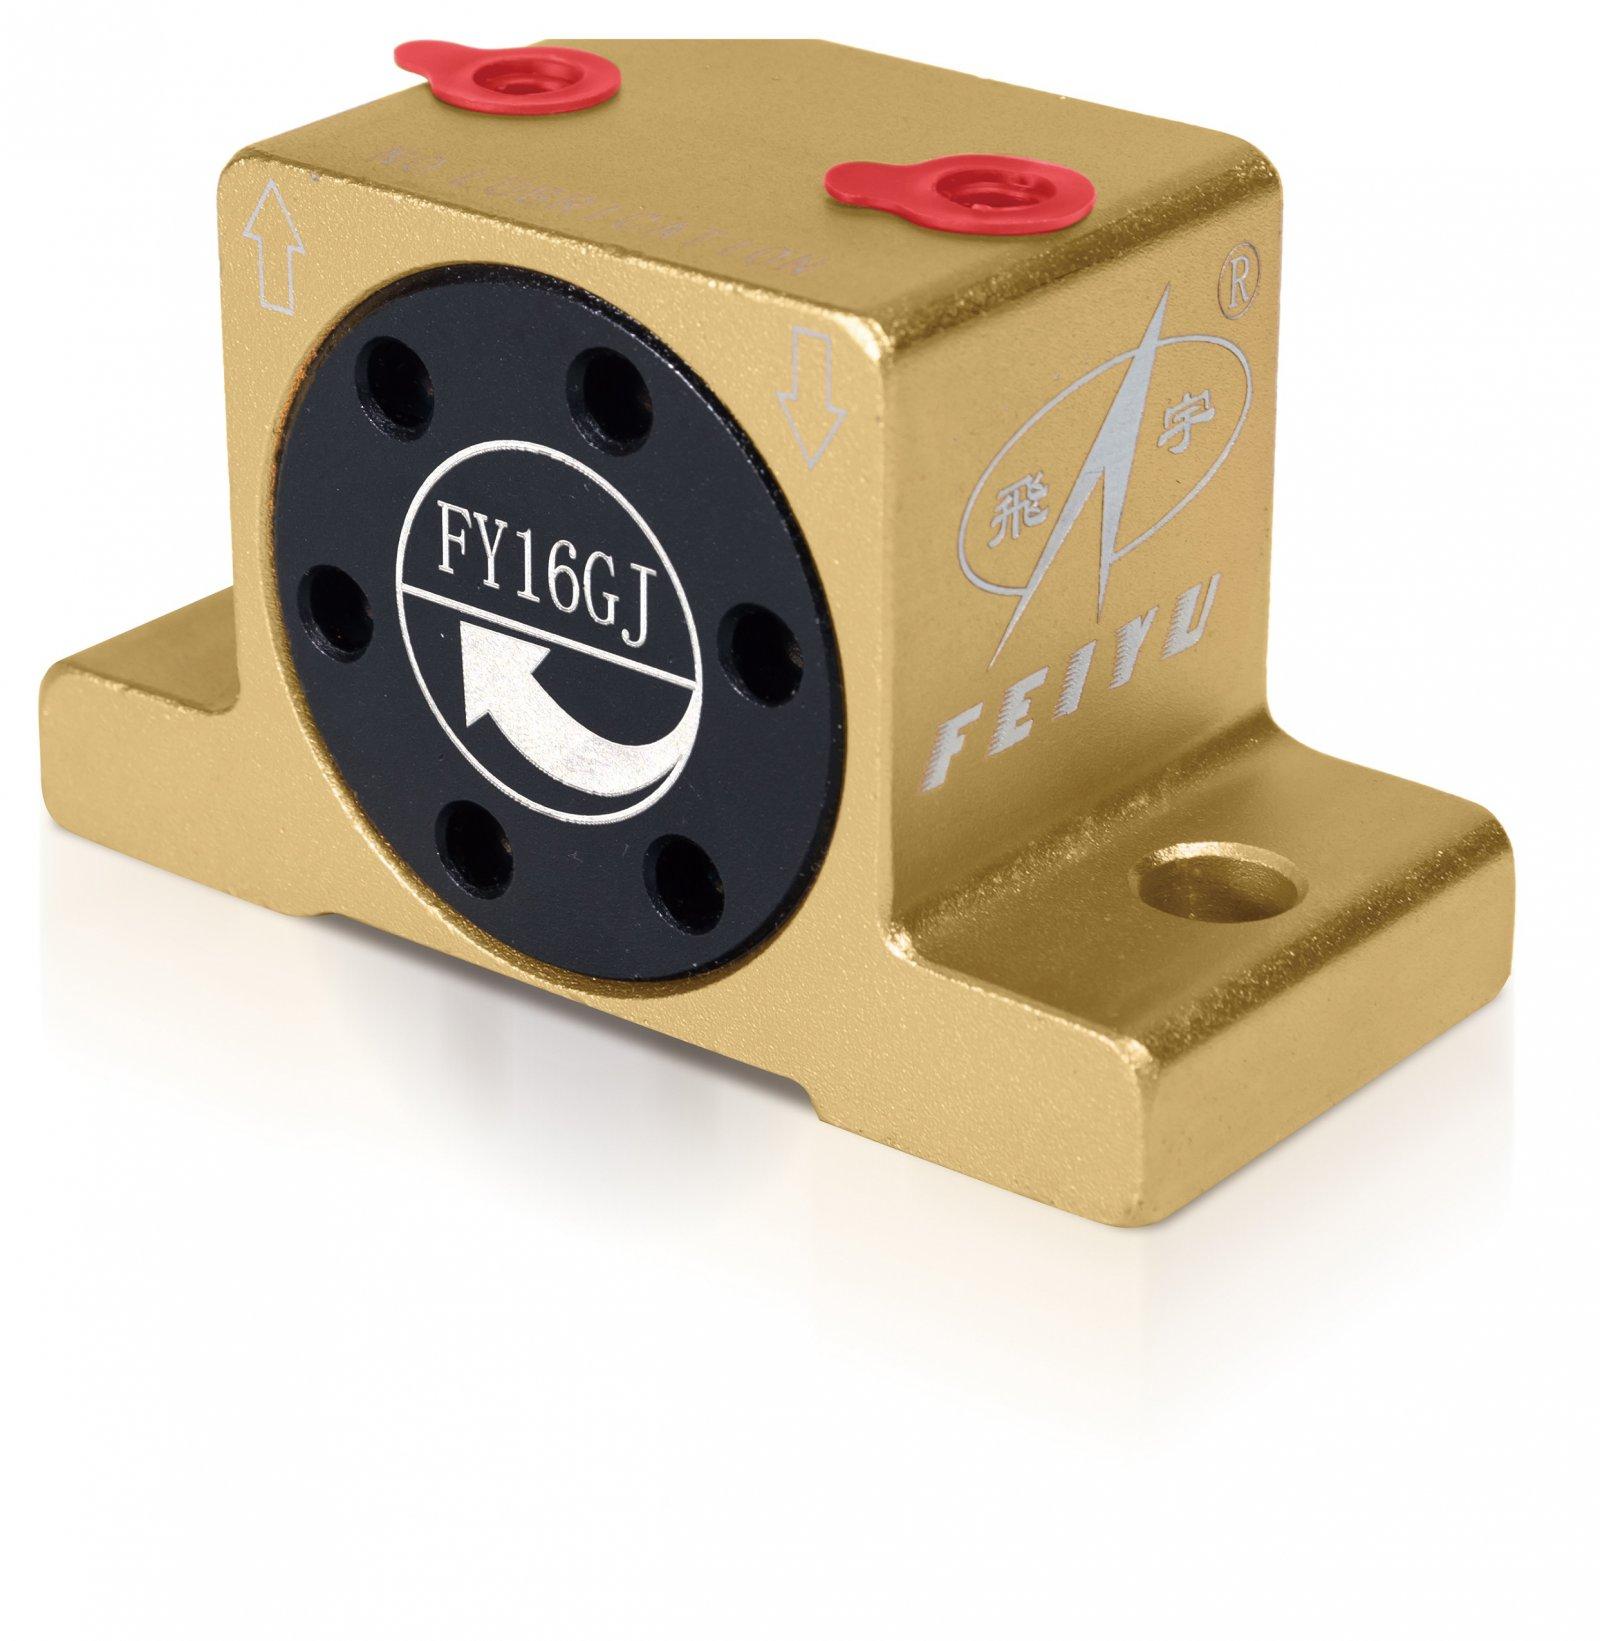 FY非标系列振动器的图片